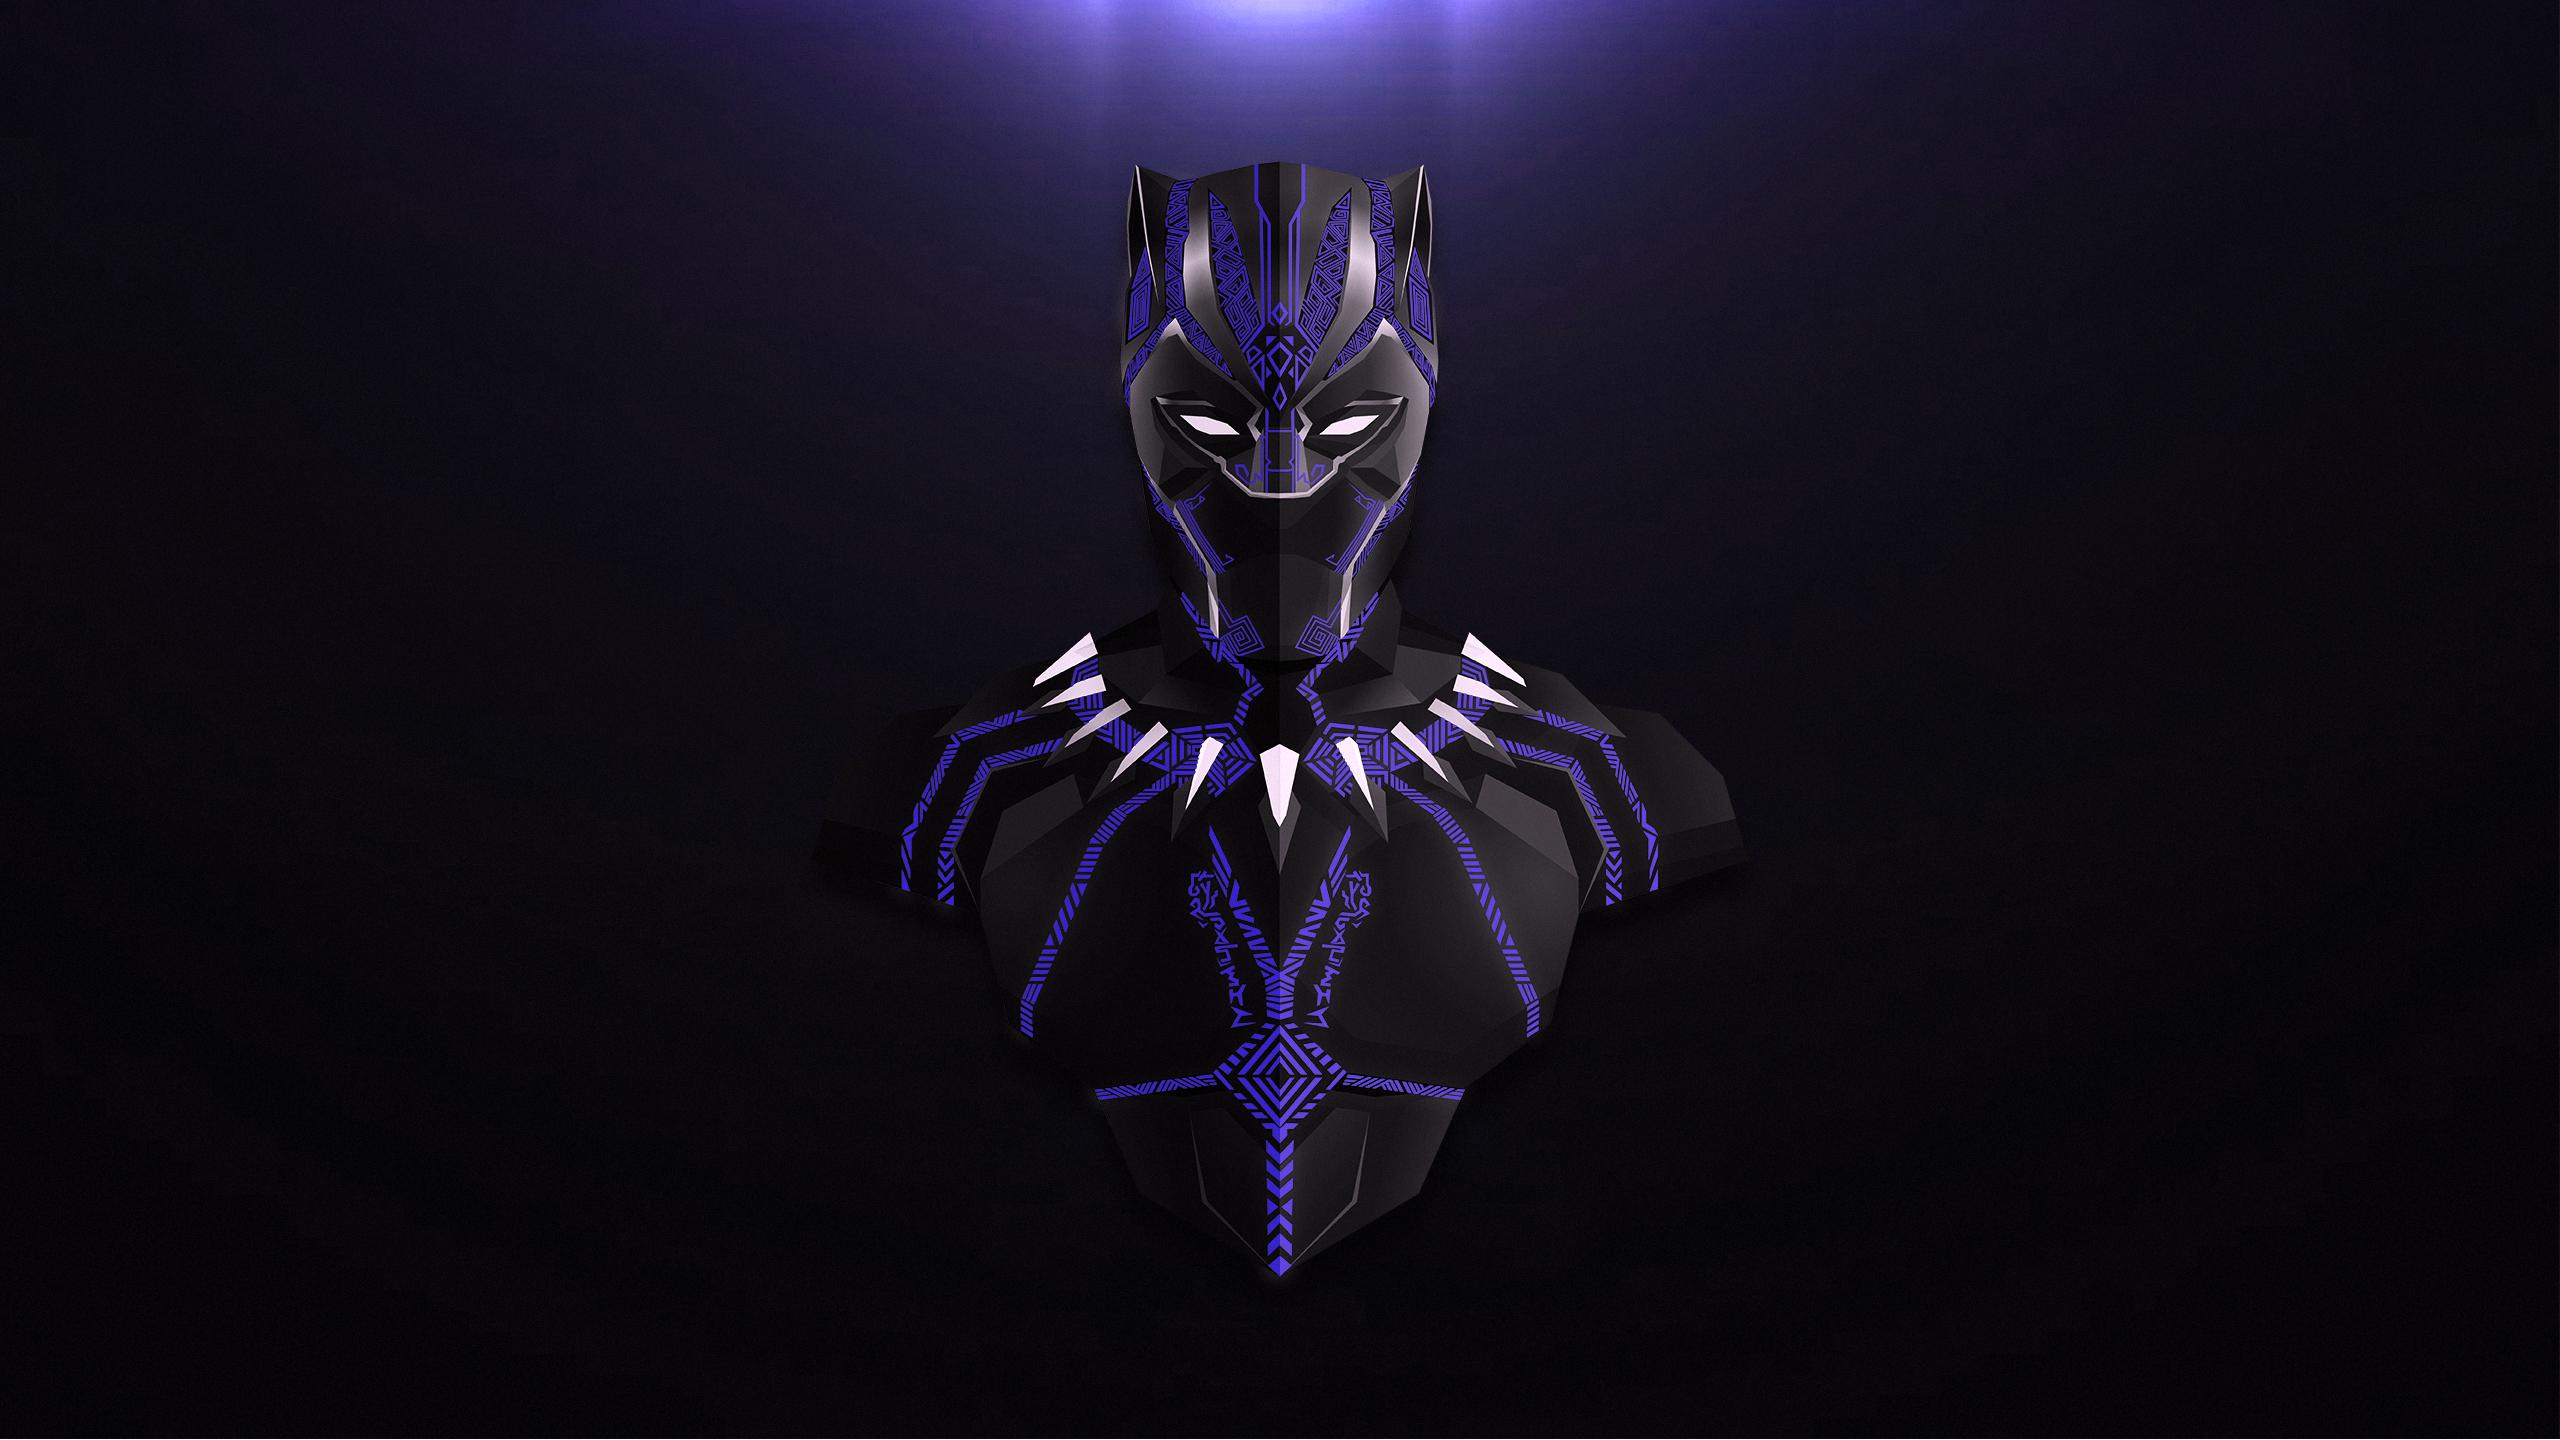 Черная пантера Мстители бесконечность войны минимальные произведения искусства обои скачать